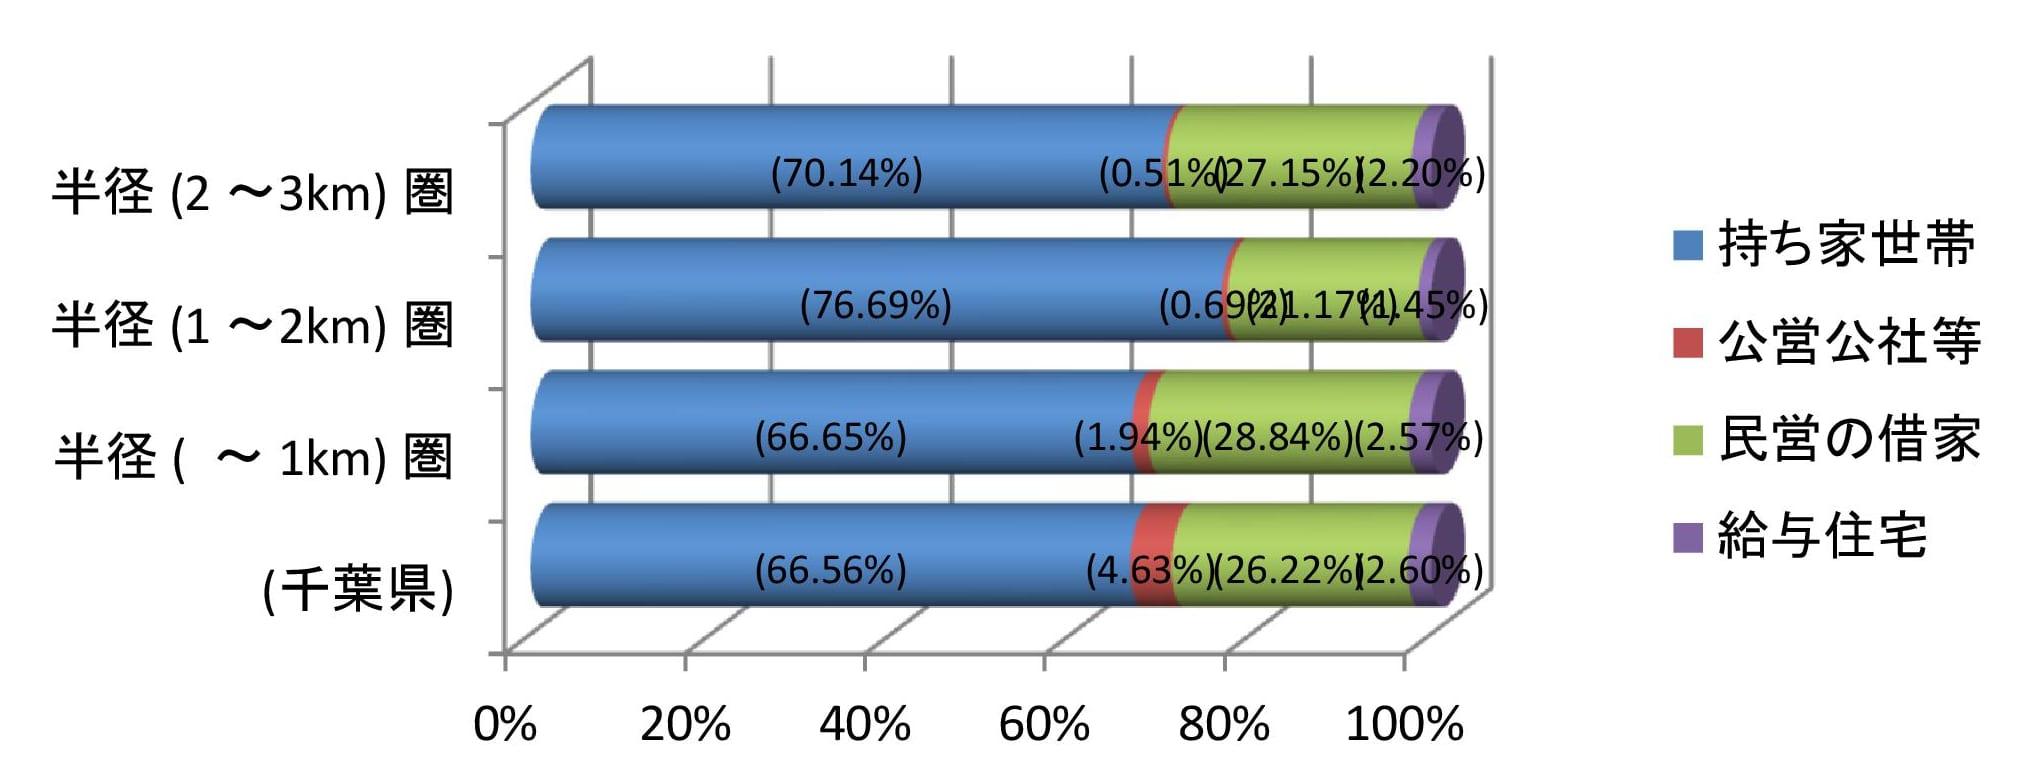 住宅の所有関係別世帯数